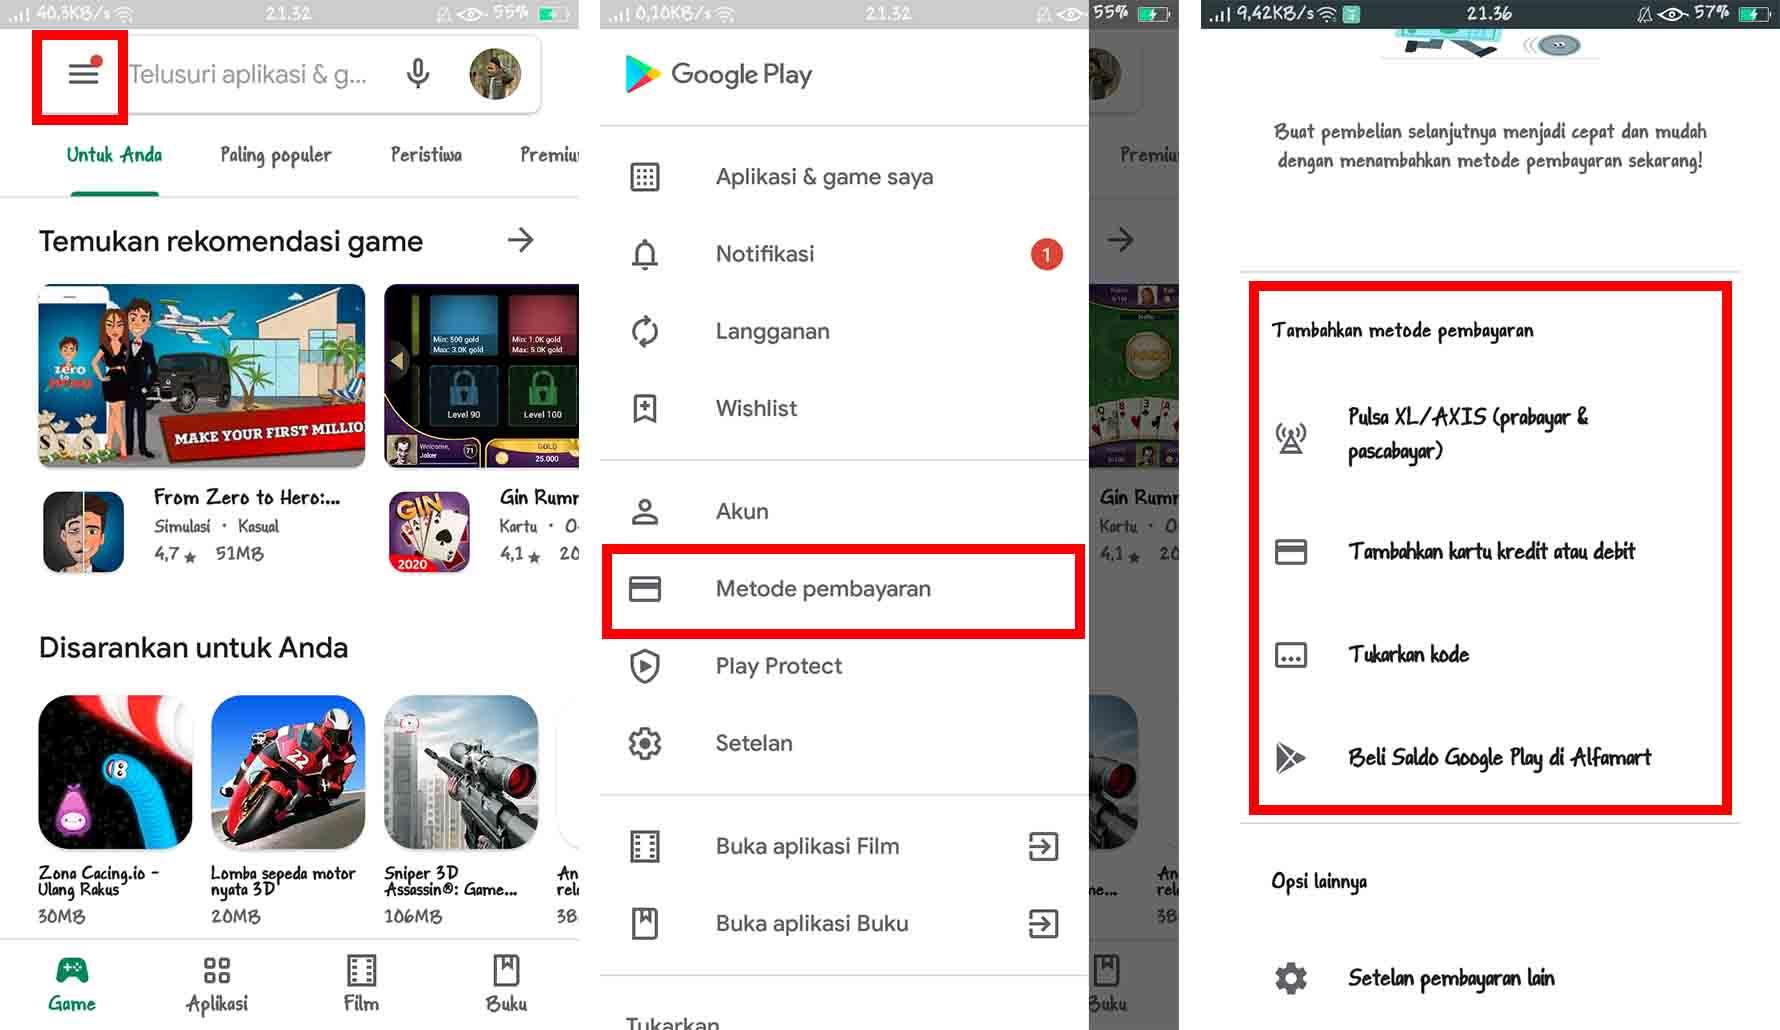 Mengatasi Metode Pembayaran Google Play Ditolak